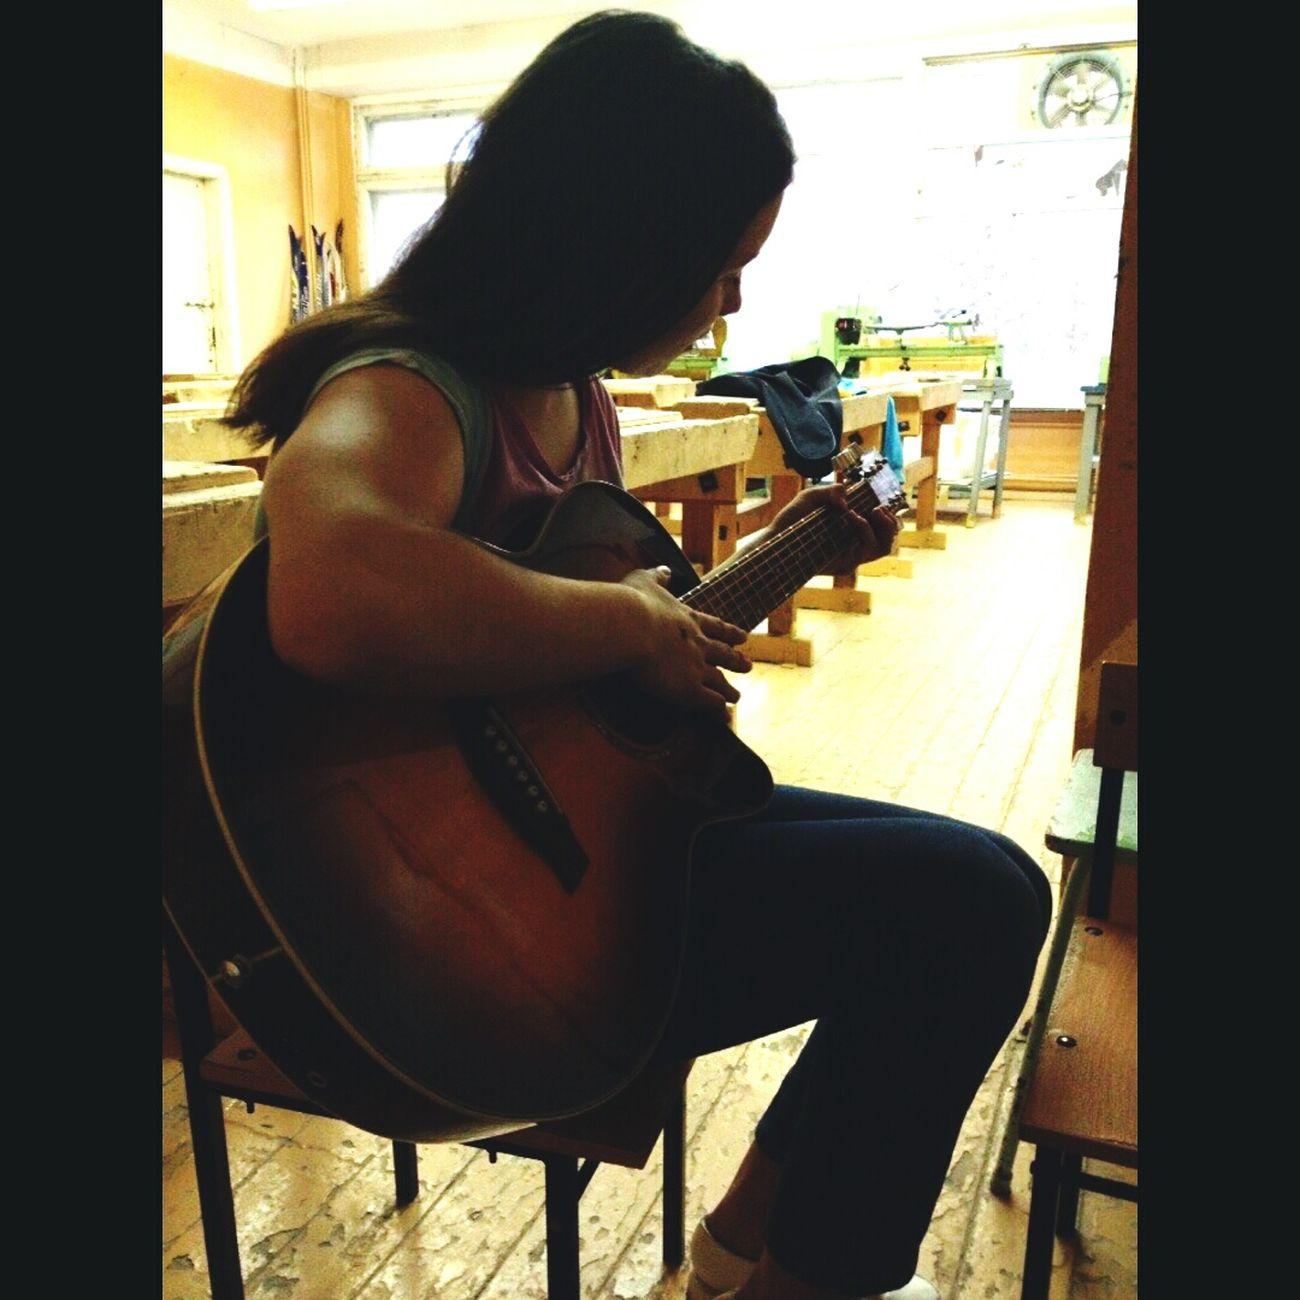 Gitarre Daydreaming Class Beautiful Day Relaxing